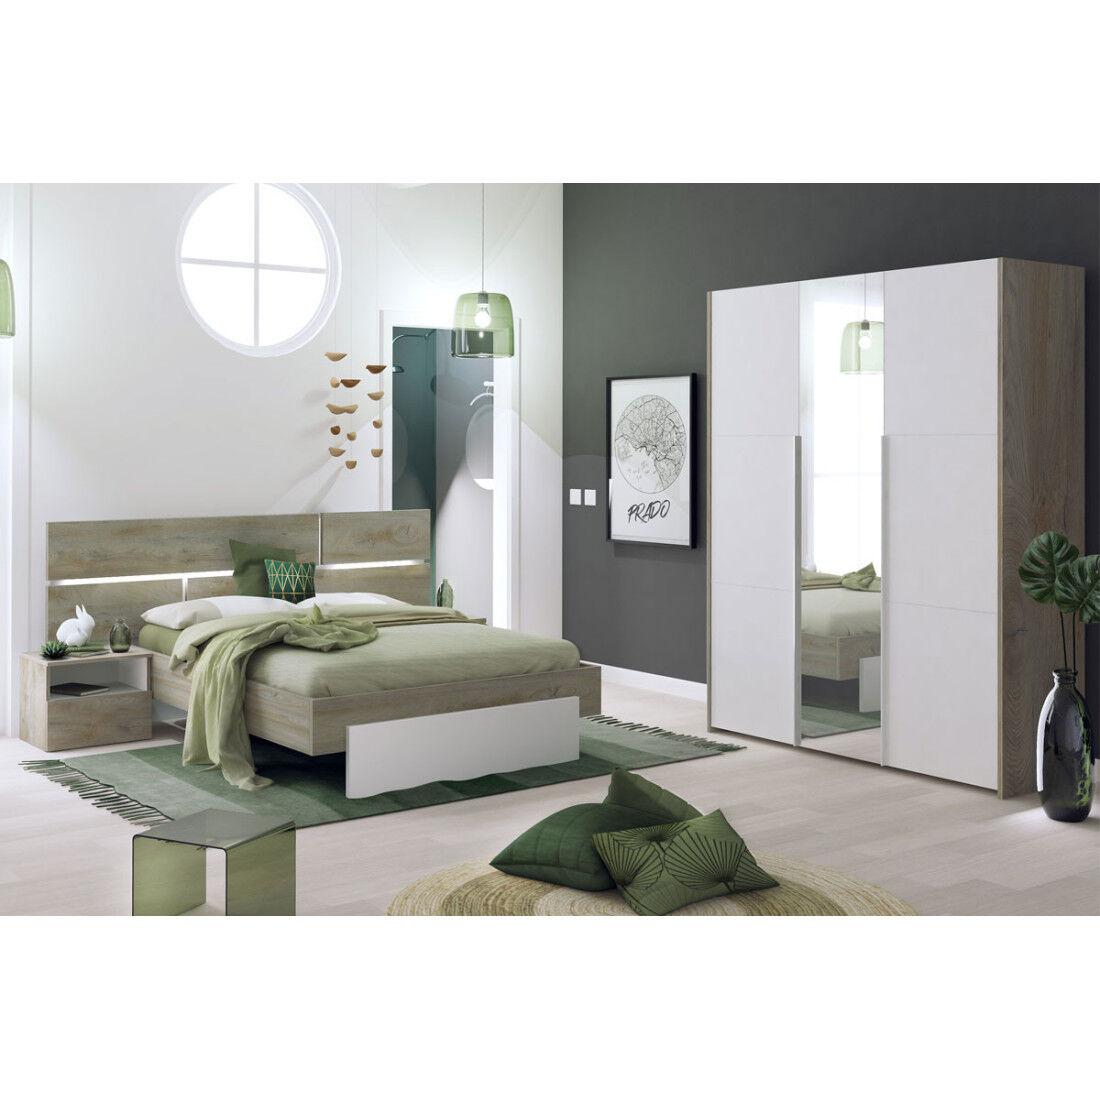 Tousmesmeubles Chambre Adulte Complète (180*200) - FLORINE n°1 - L 220 x l 208 x H 40/102